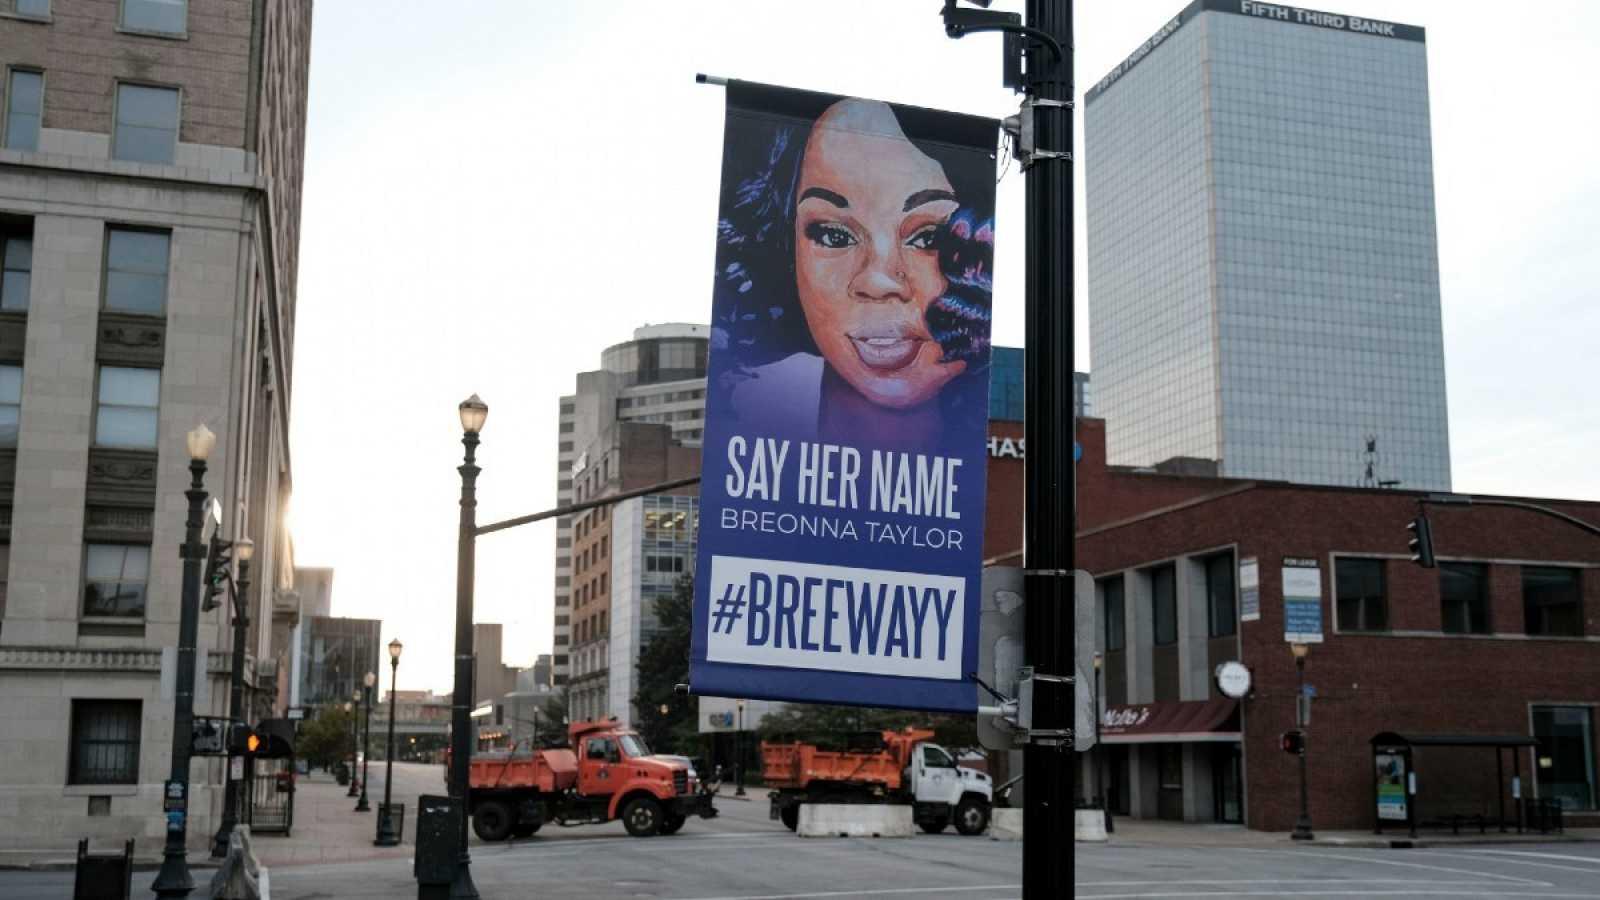 Una señal en memoria de Breonna Taylor en las calles de Louisville, Kentucky.